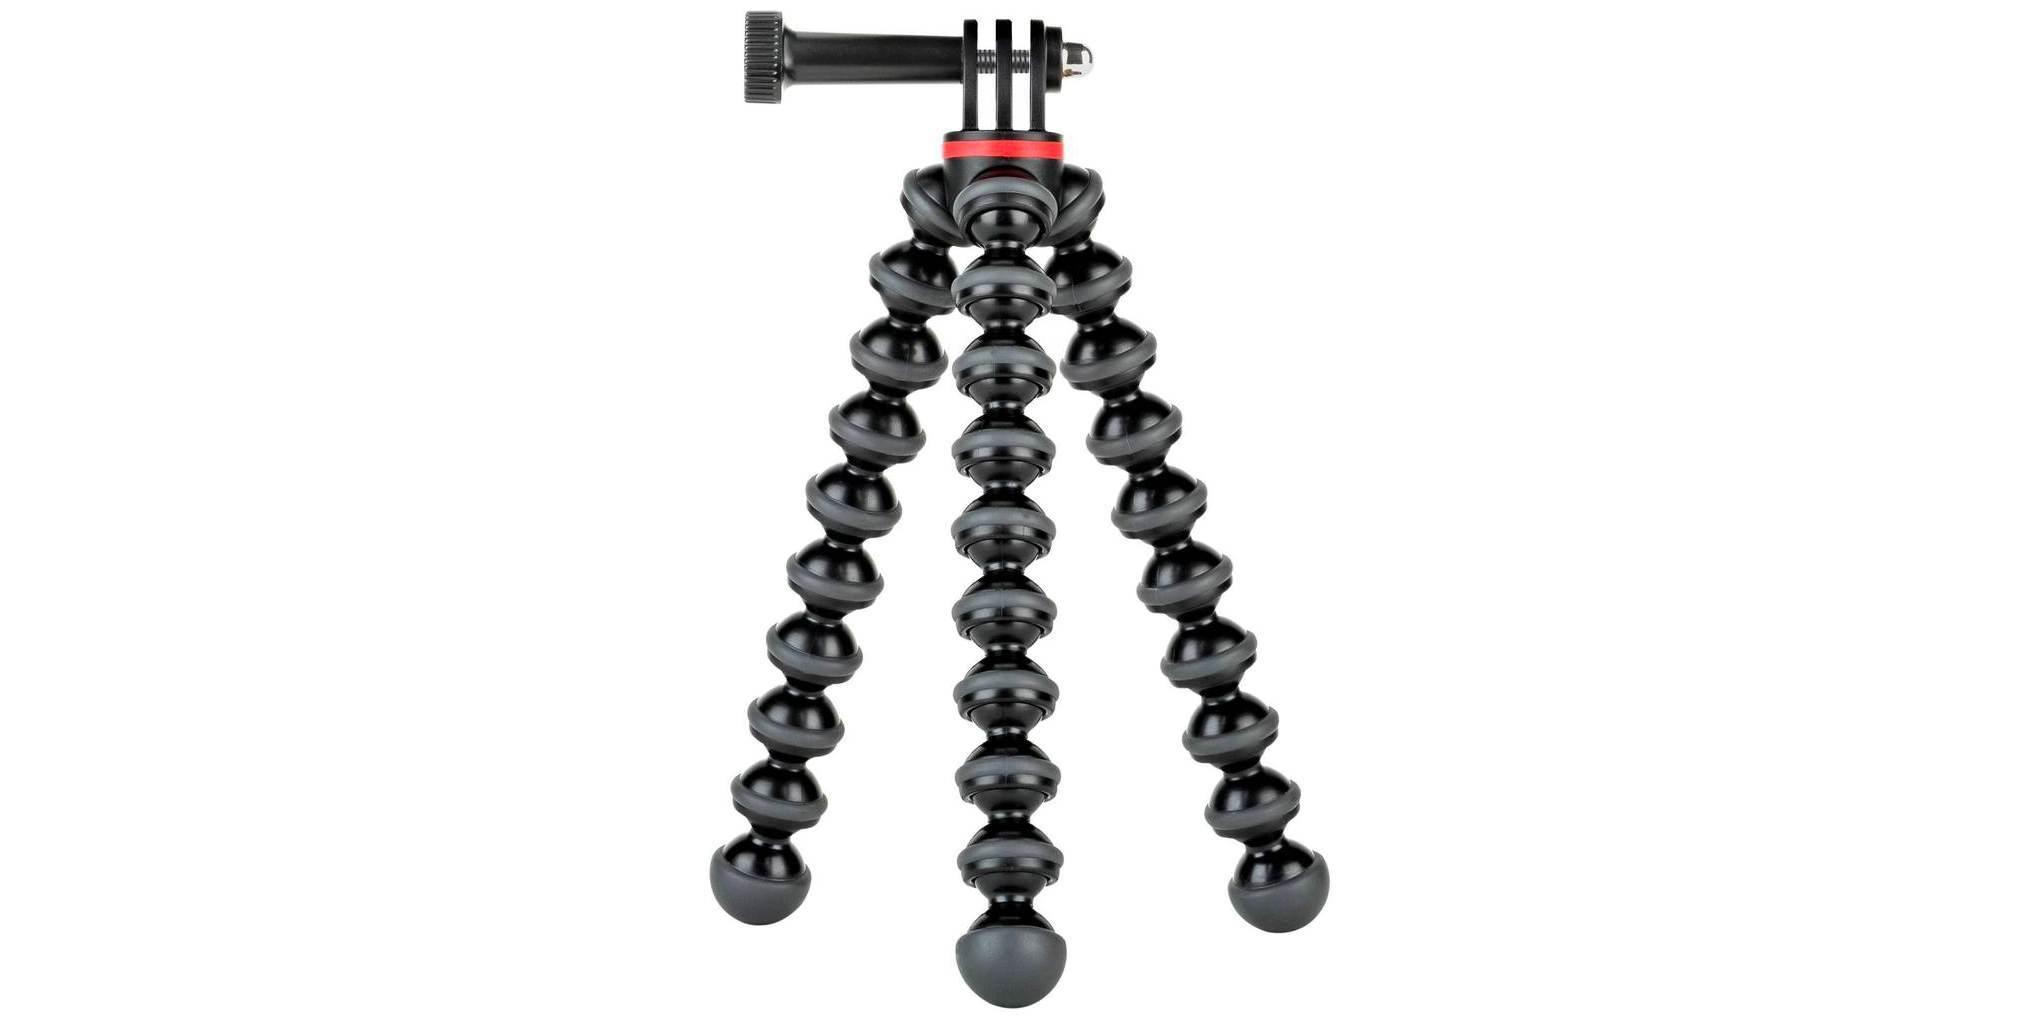 Штатив Joby GorillaPod 500 Action для фото- и GoPro камер без камеры